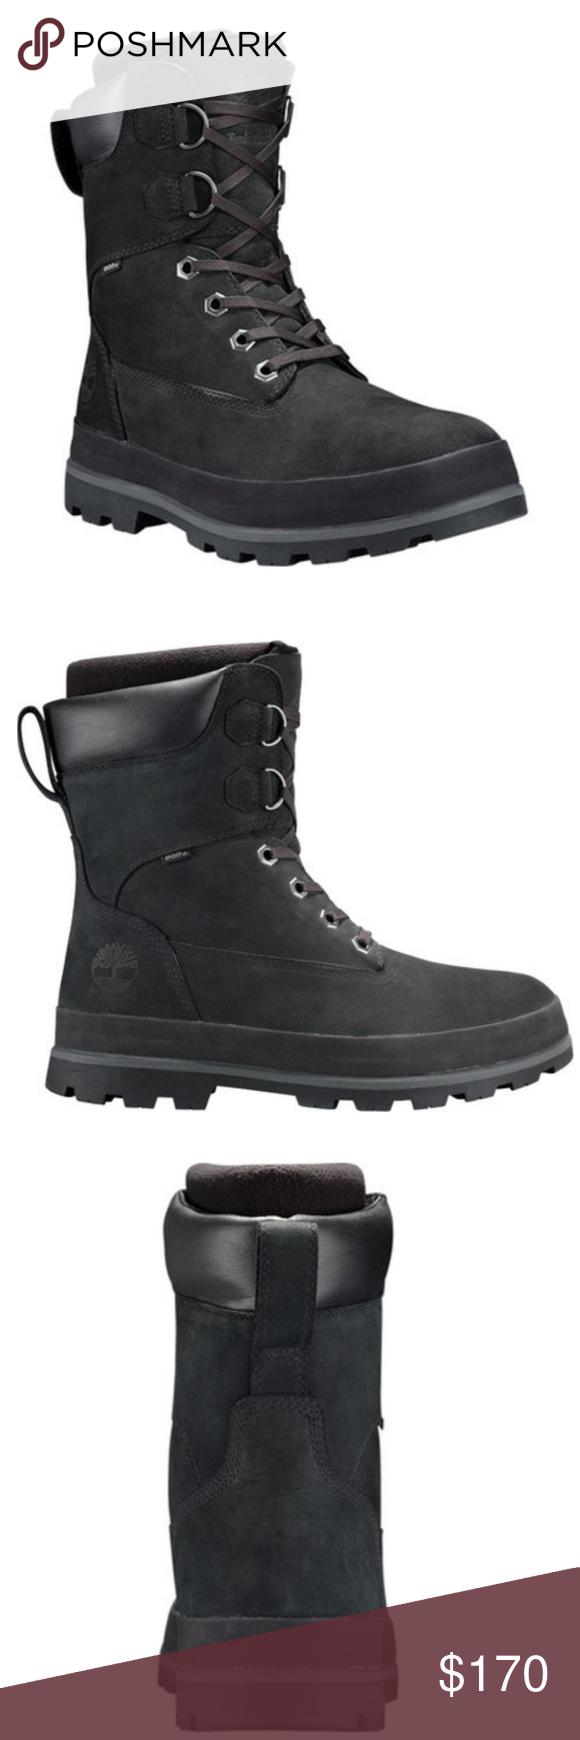 Timberland snow drifter boot | Boots